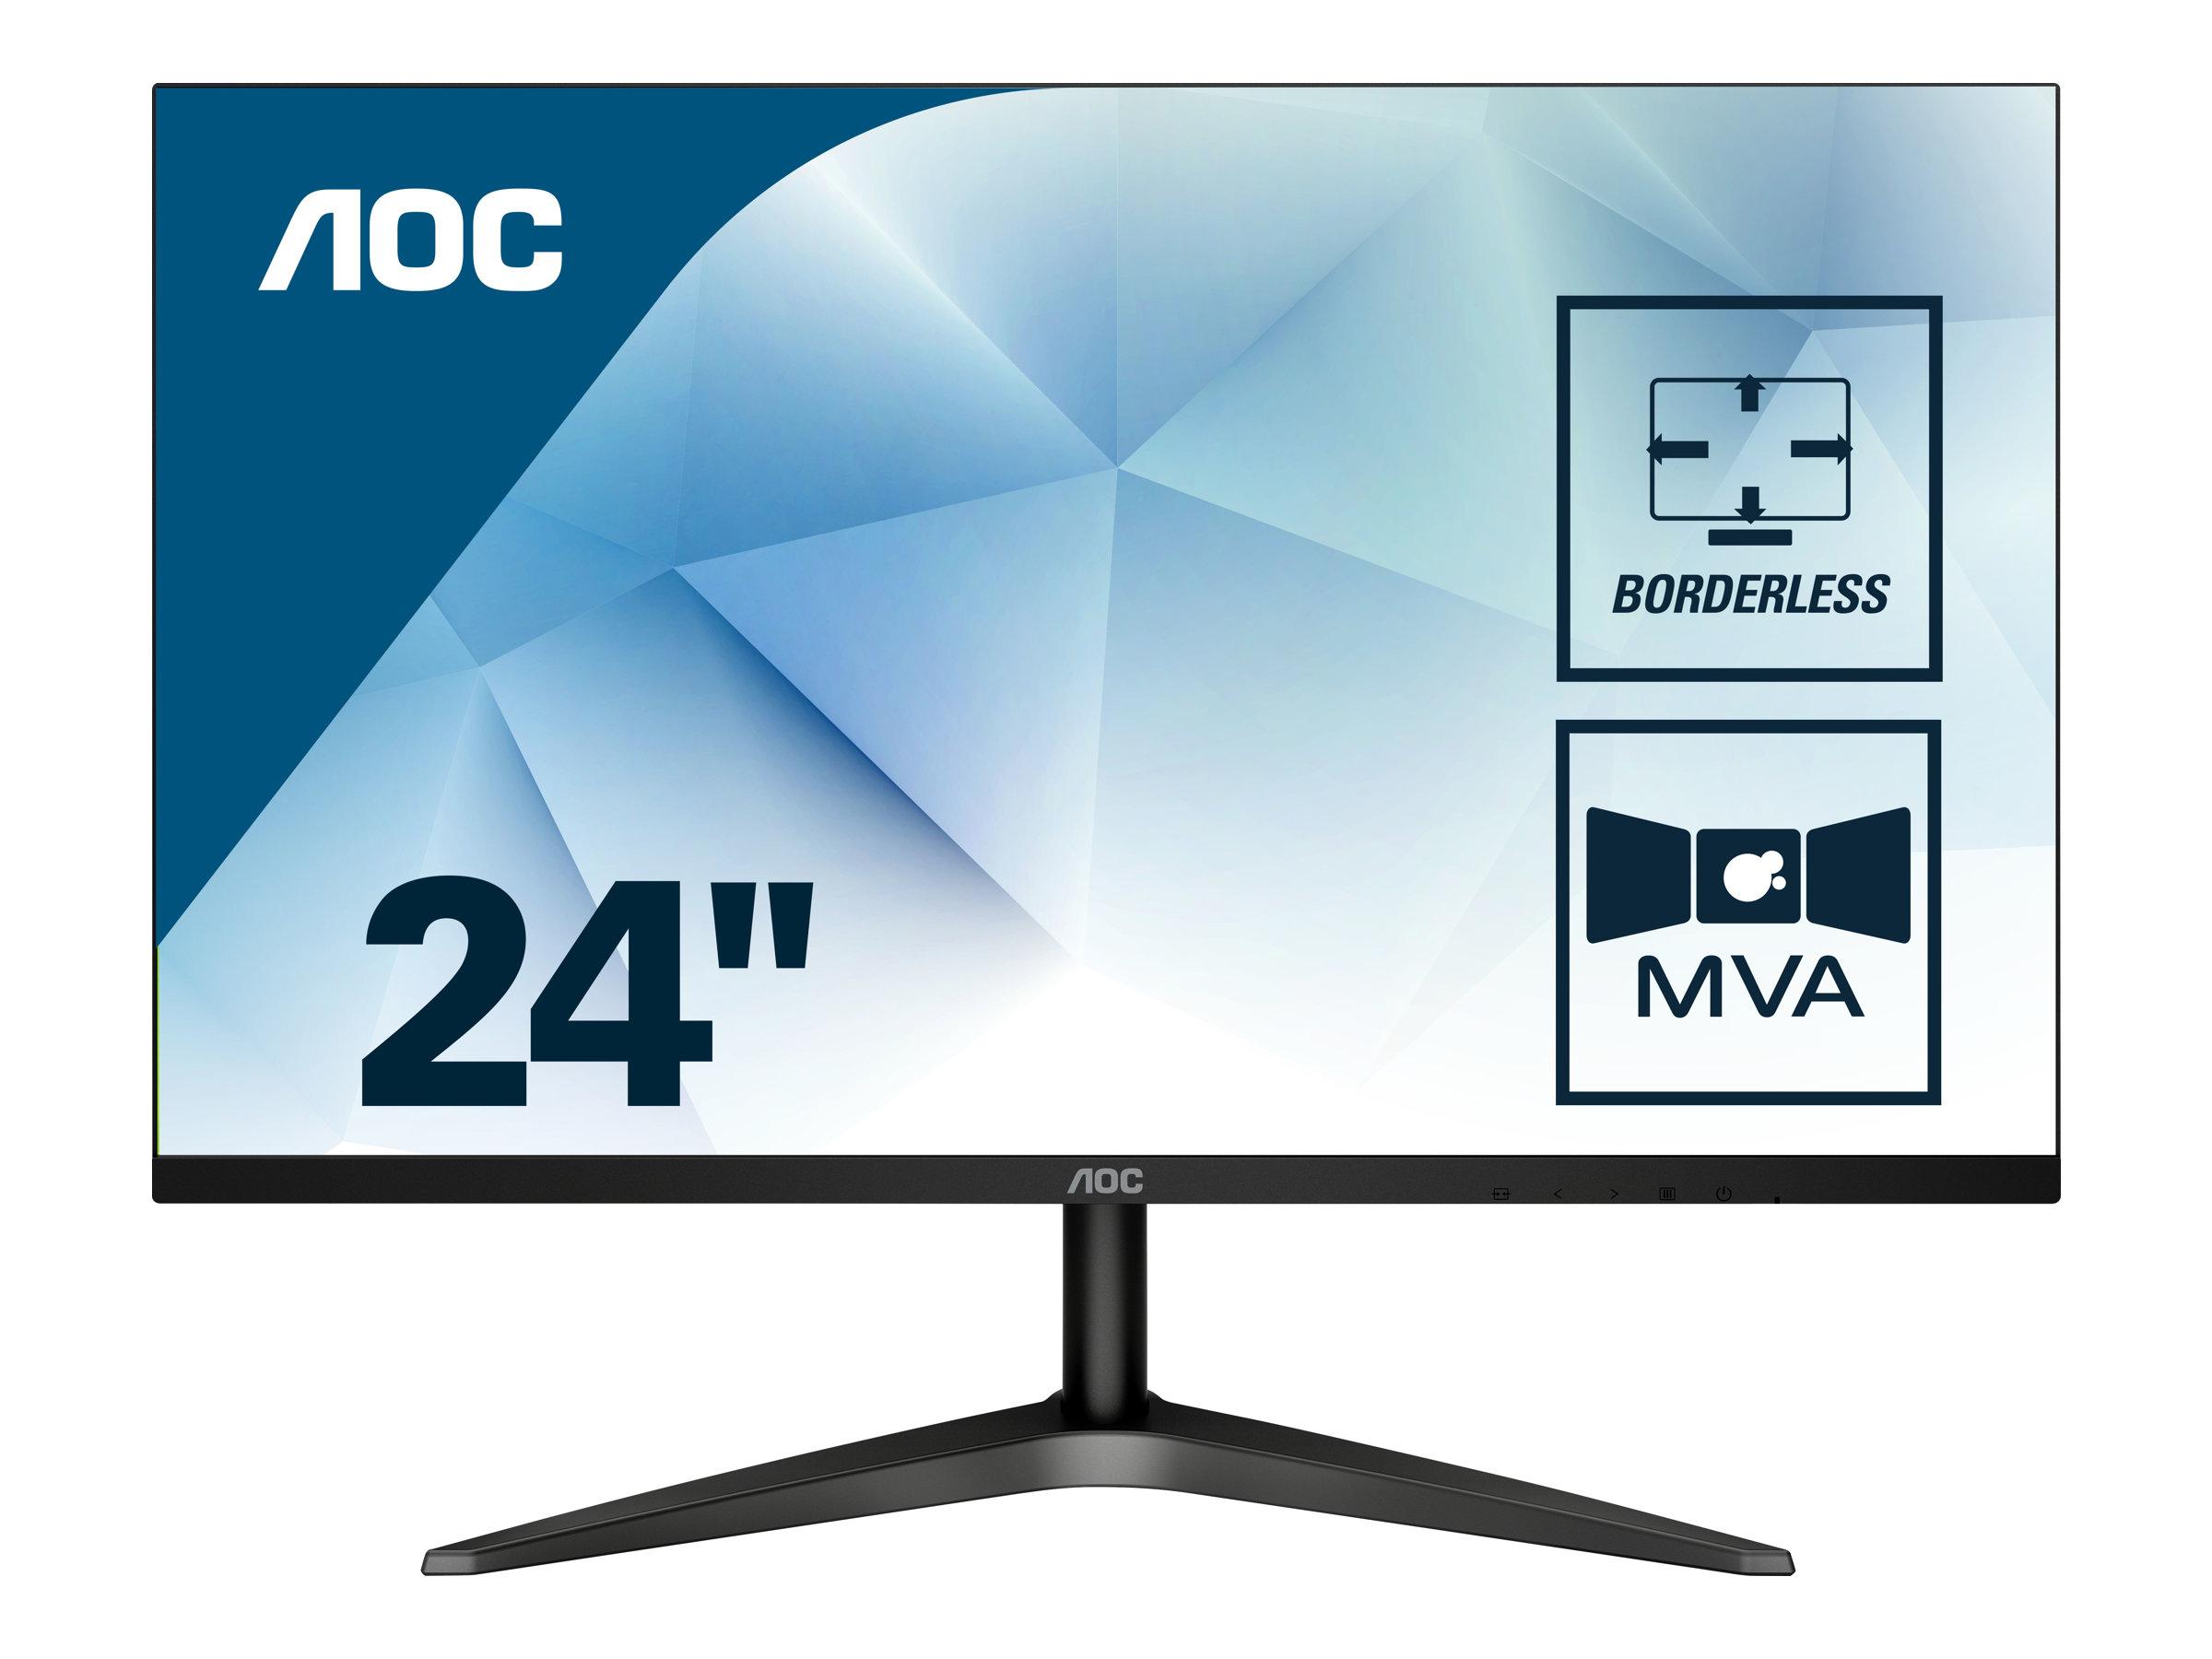 AOC 24B1H - LED-Monitor - 59.9 cm (23.6